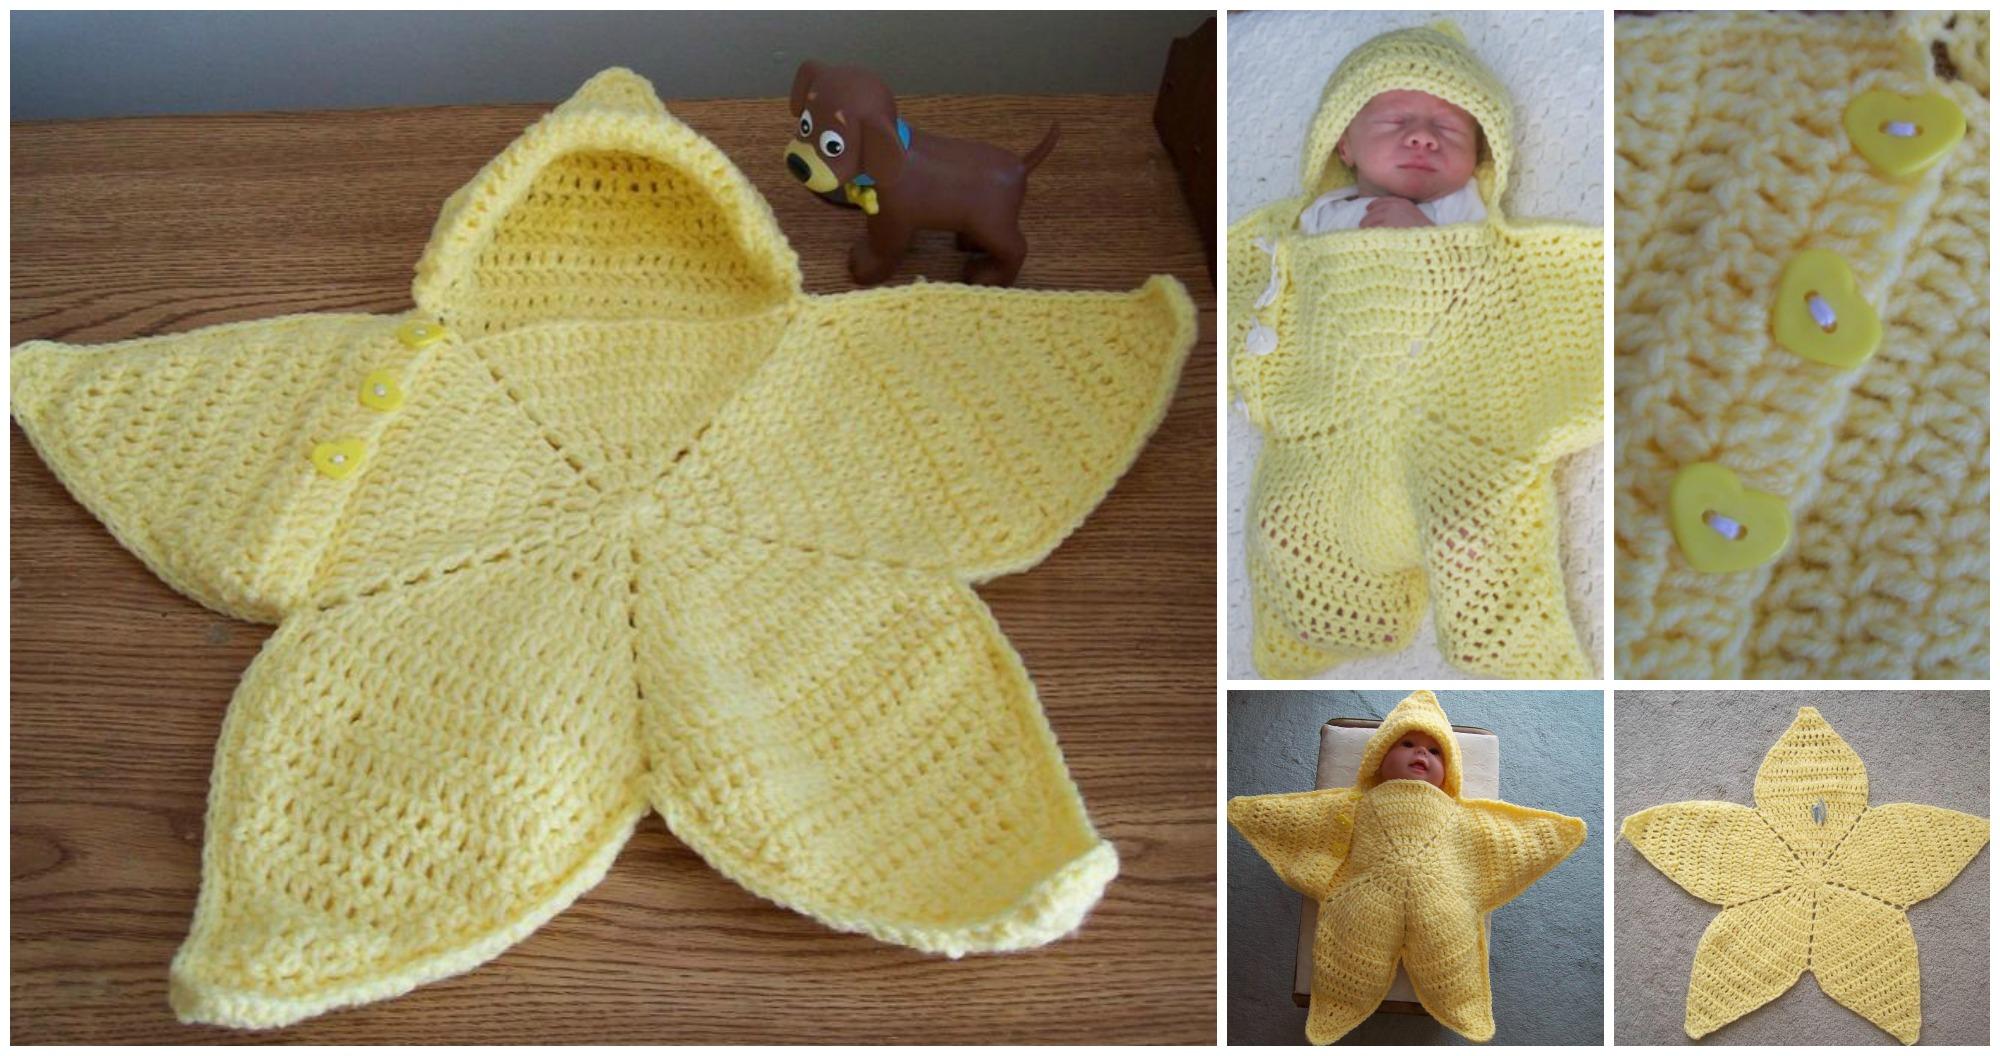 Crochet Twinkle Twinkle Little Star Free Pattern